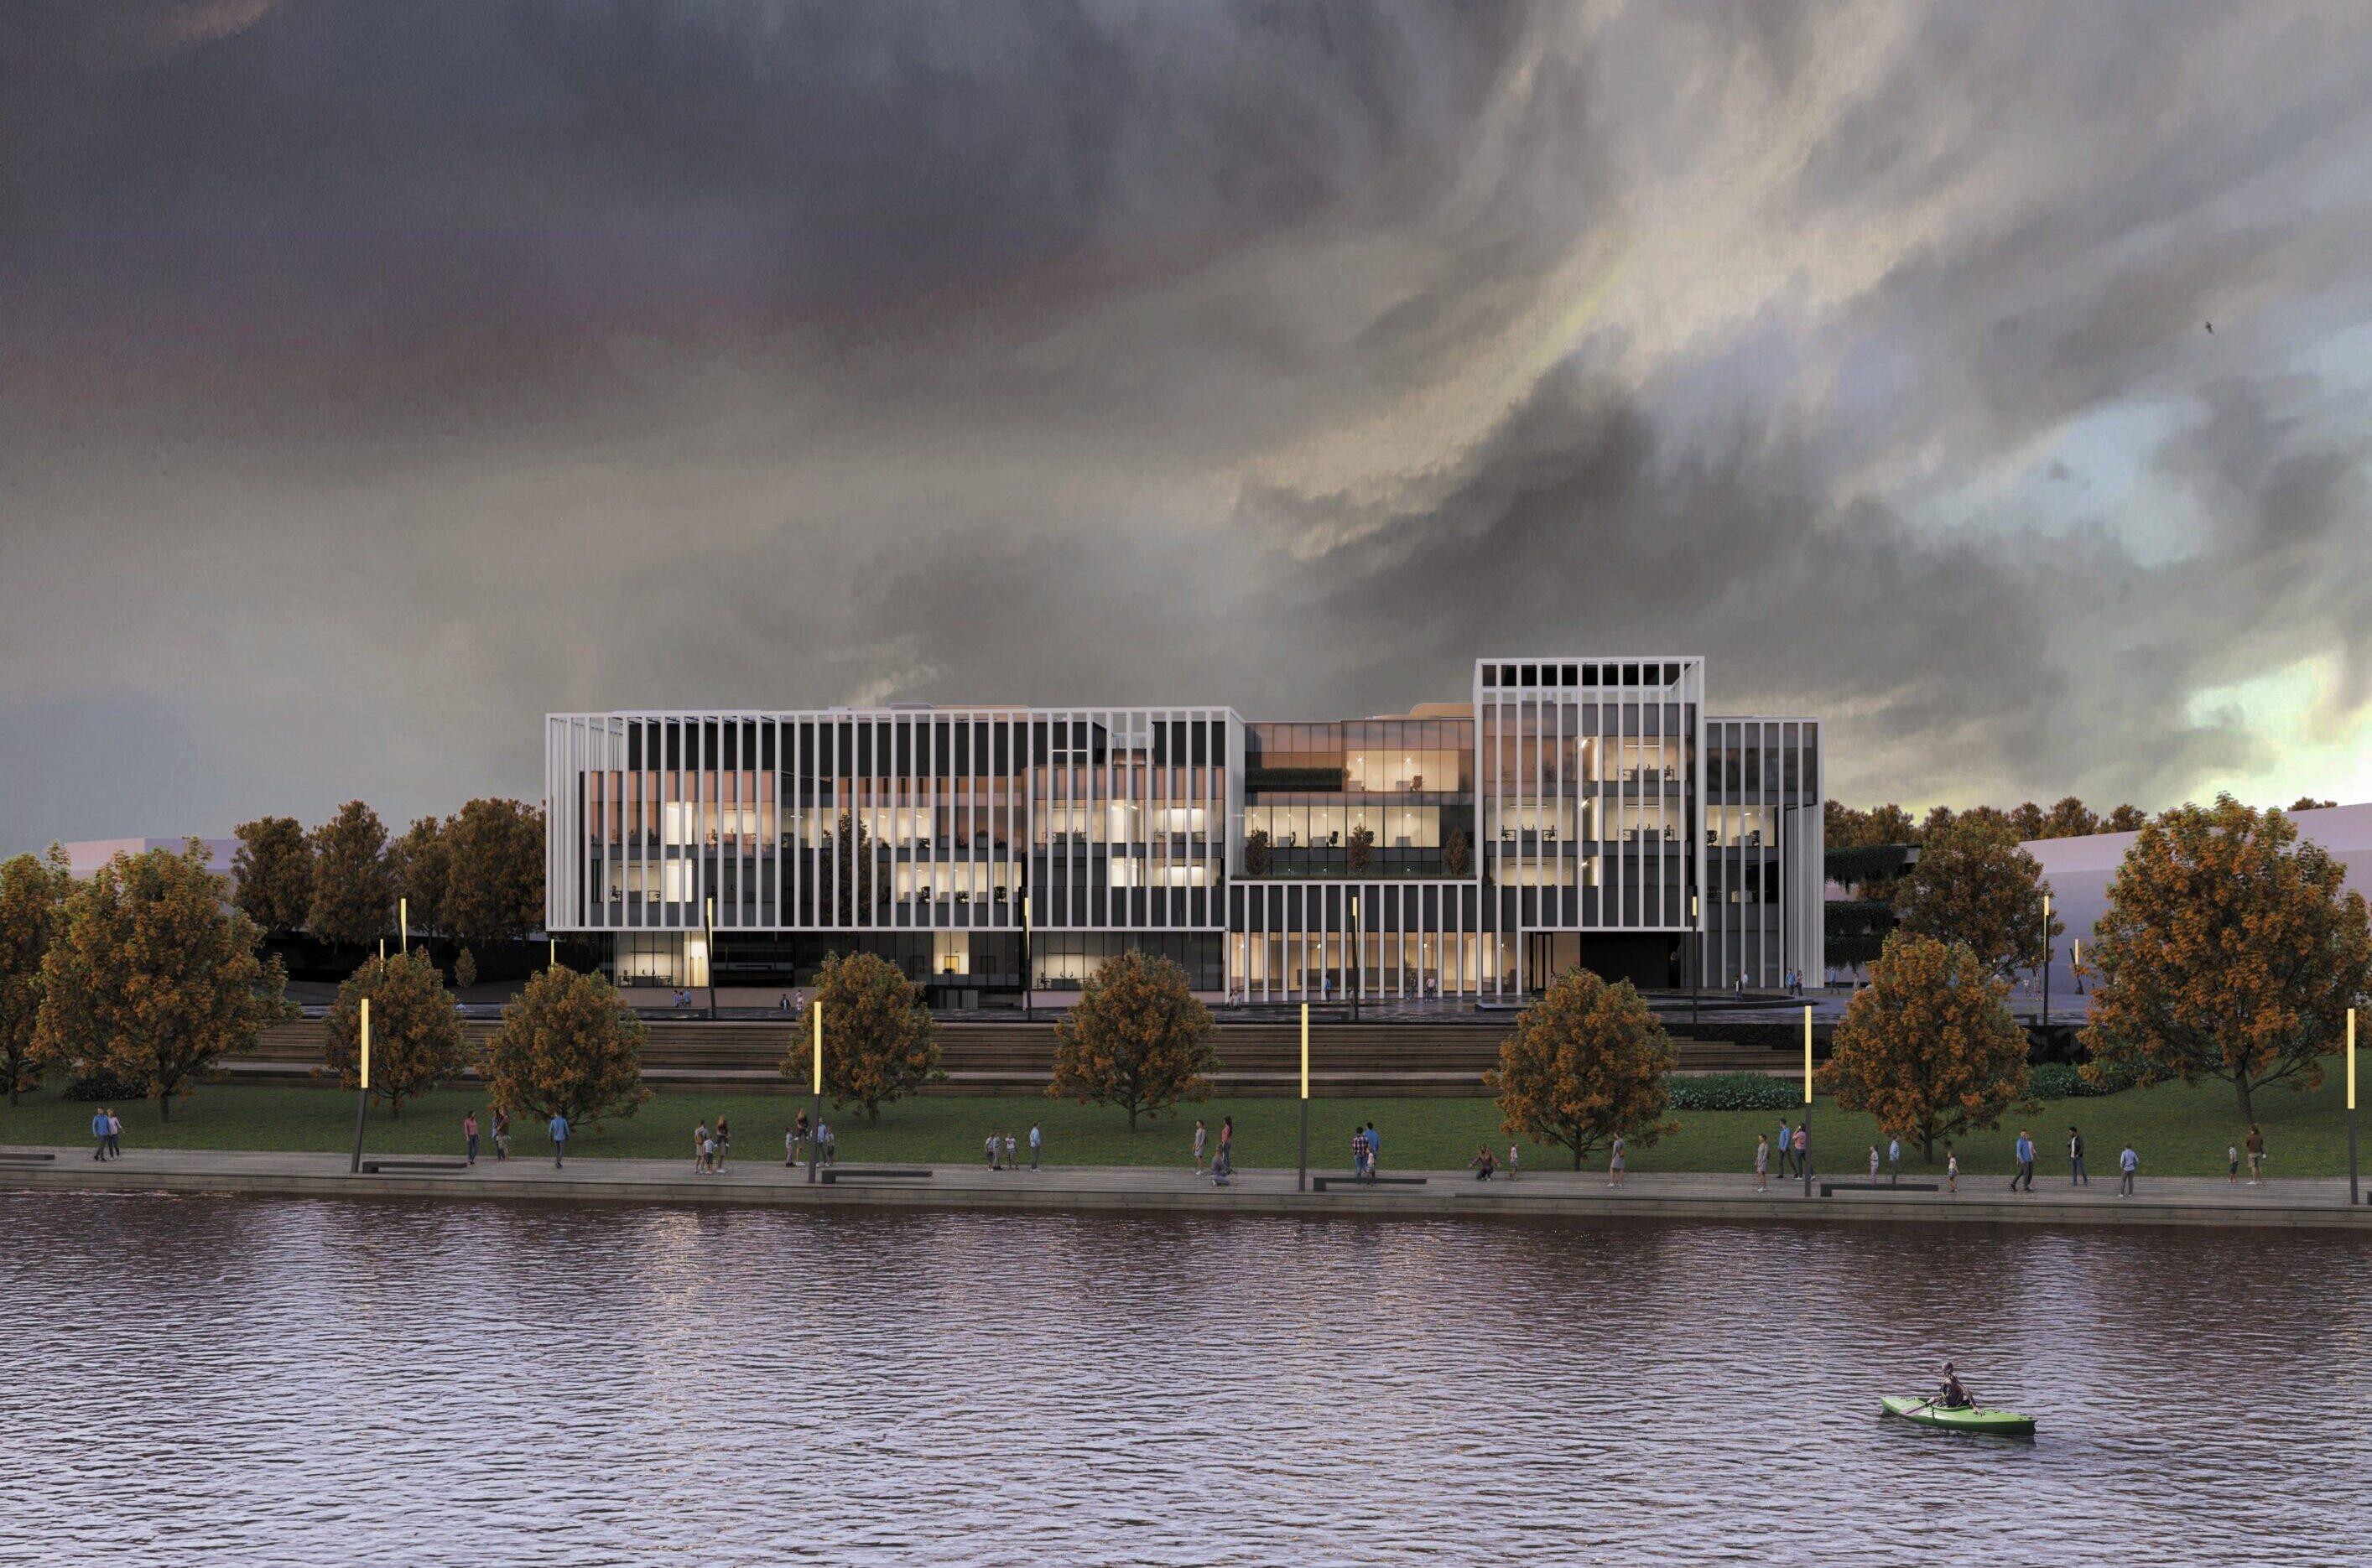 Siedziba urzędu skarbowego oraz urzędu celno-skarbowego w Gorzowie Wielkopolskim